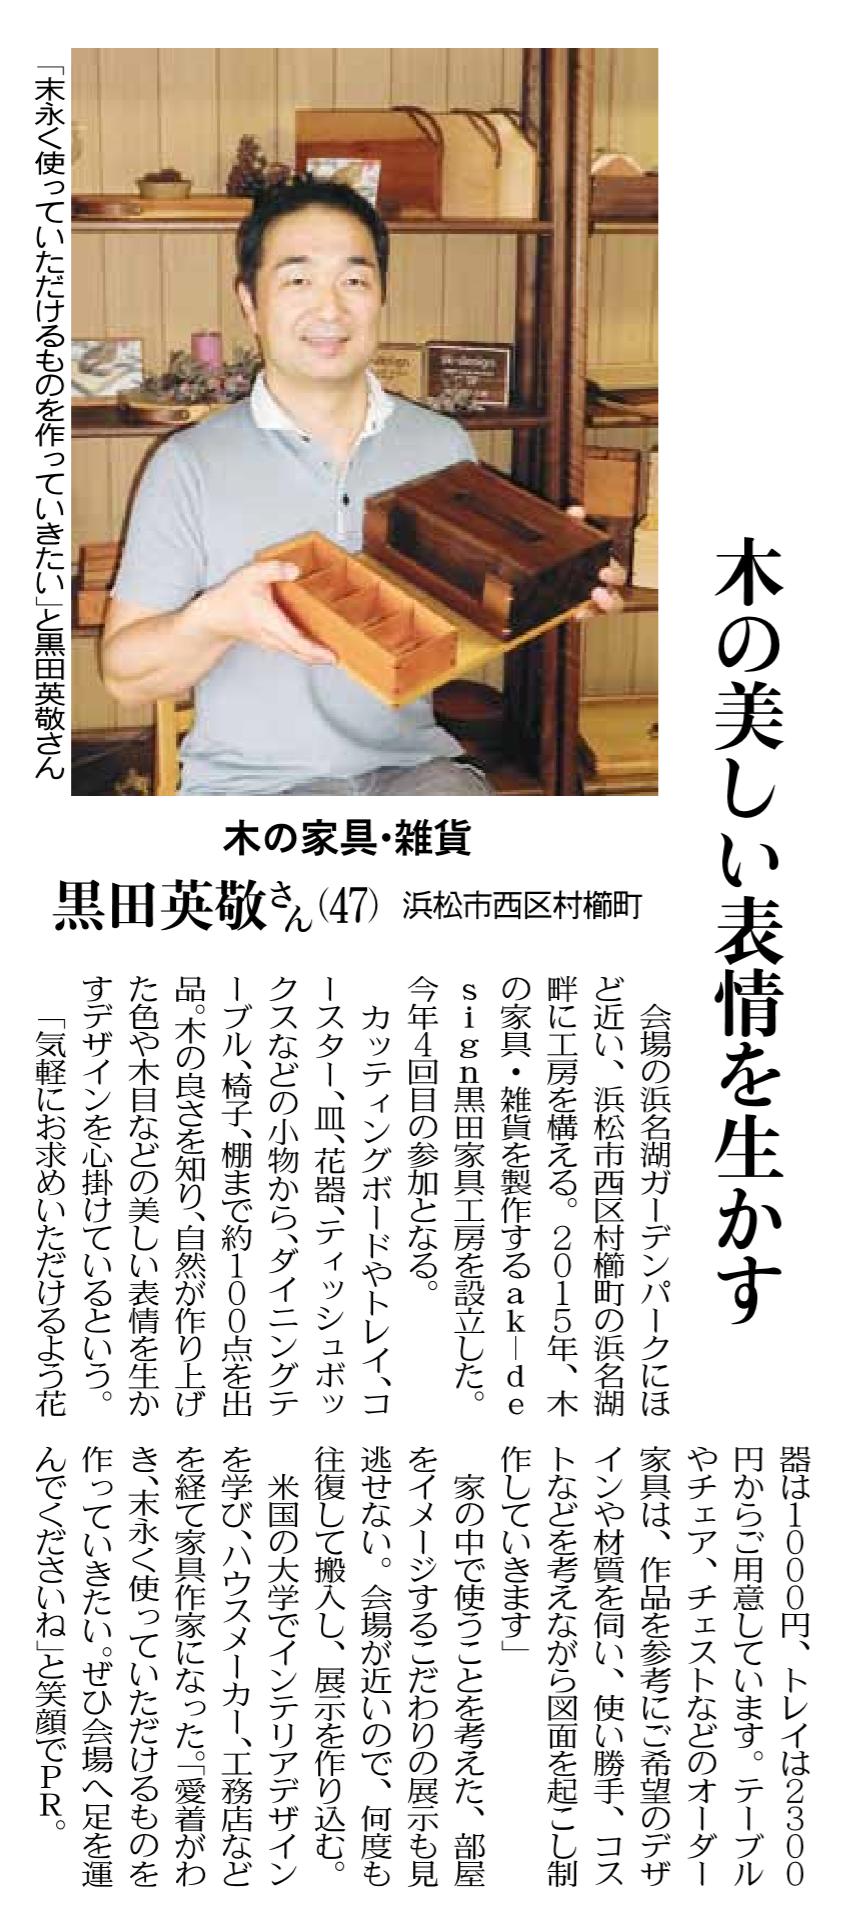 9月15日付 中日新聞東海本社版に載りました